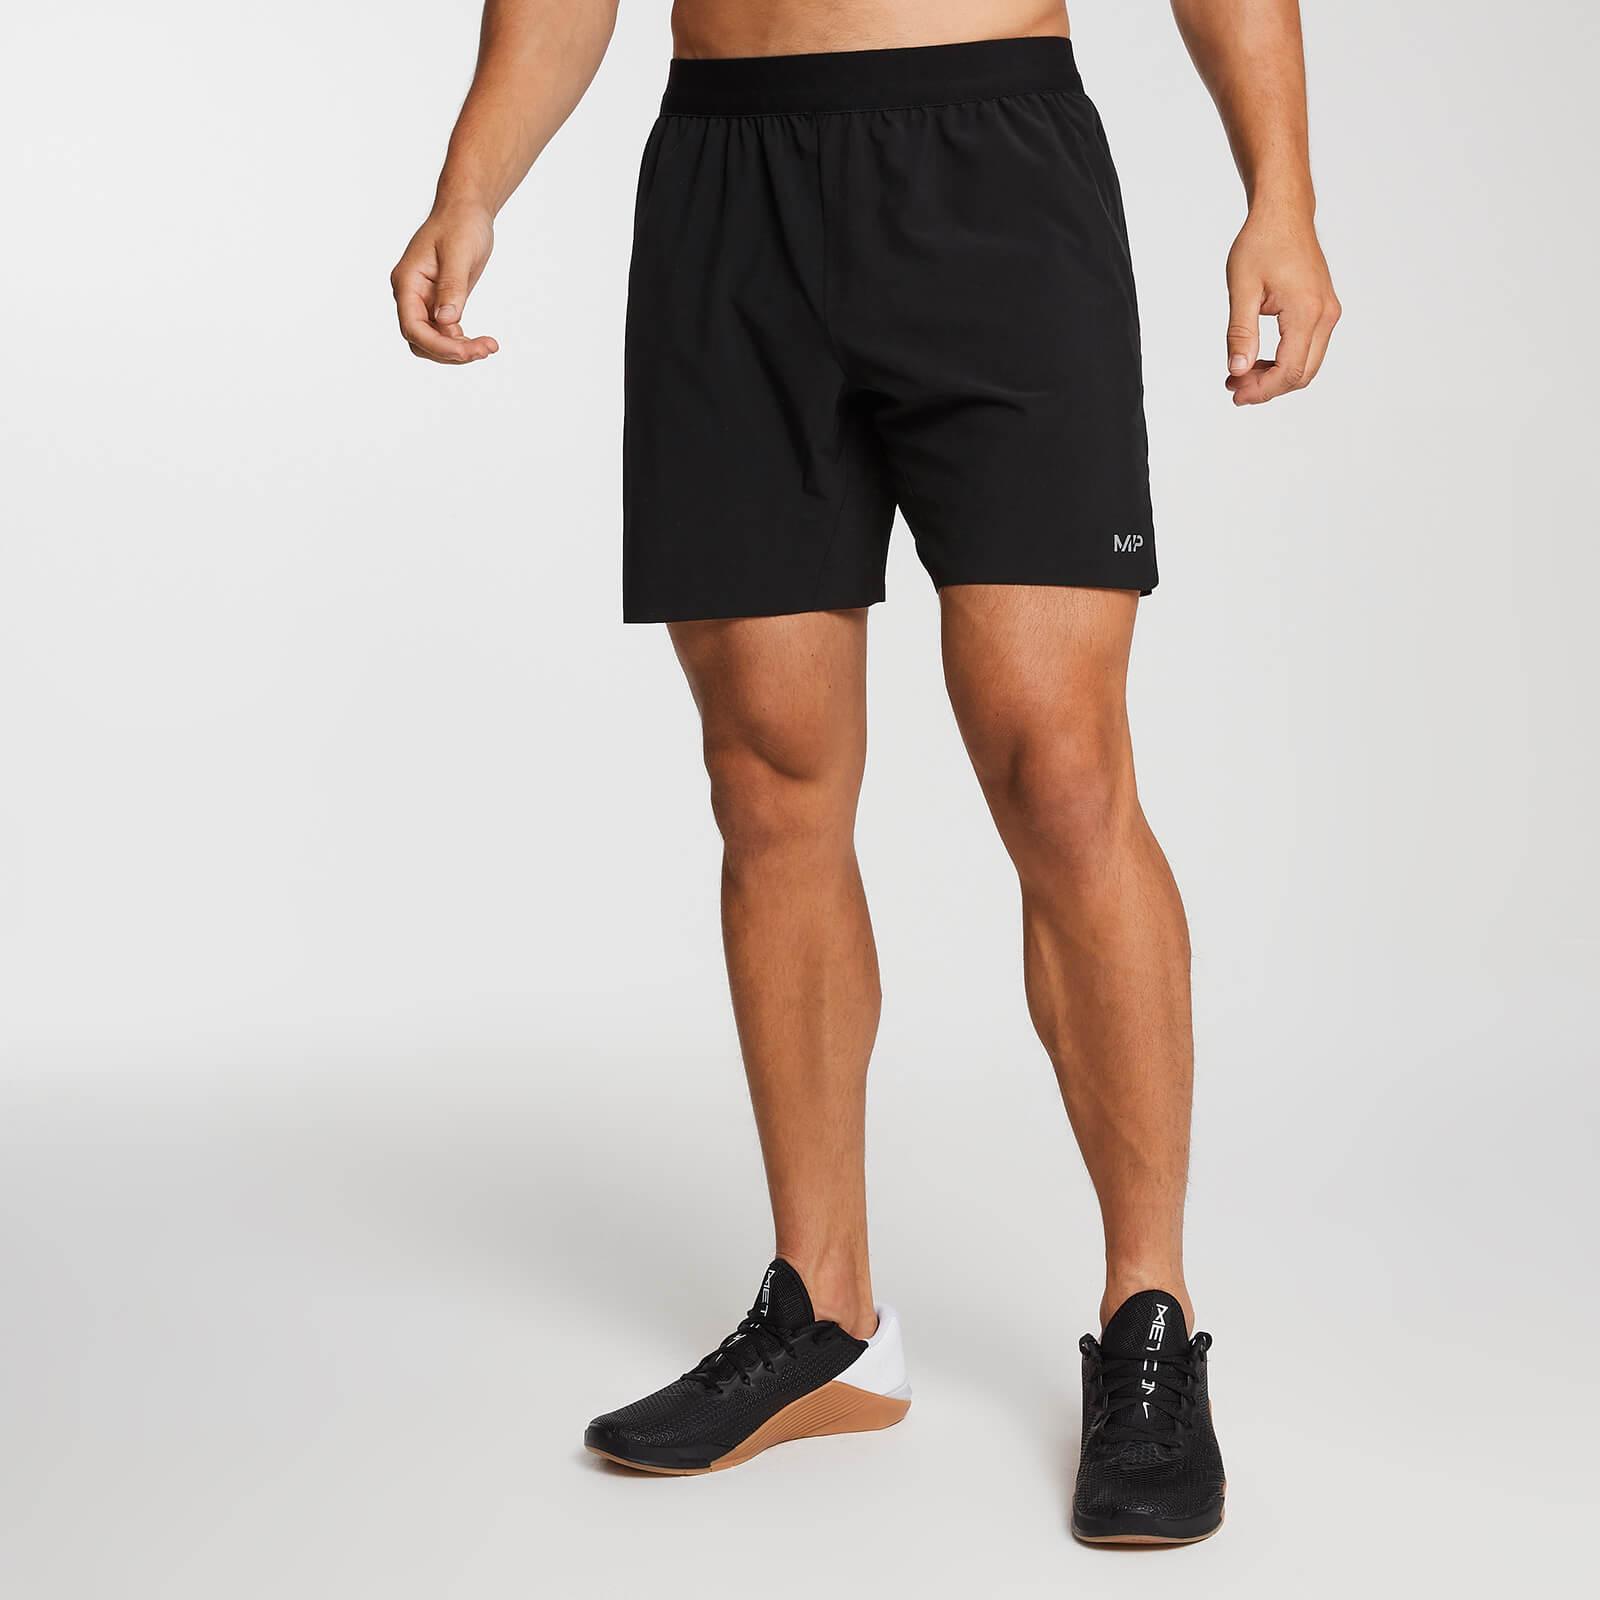 Mp Pantaloncini Best Training Essentials da uomo - Nero - XL